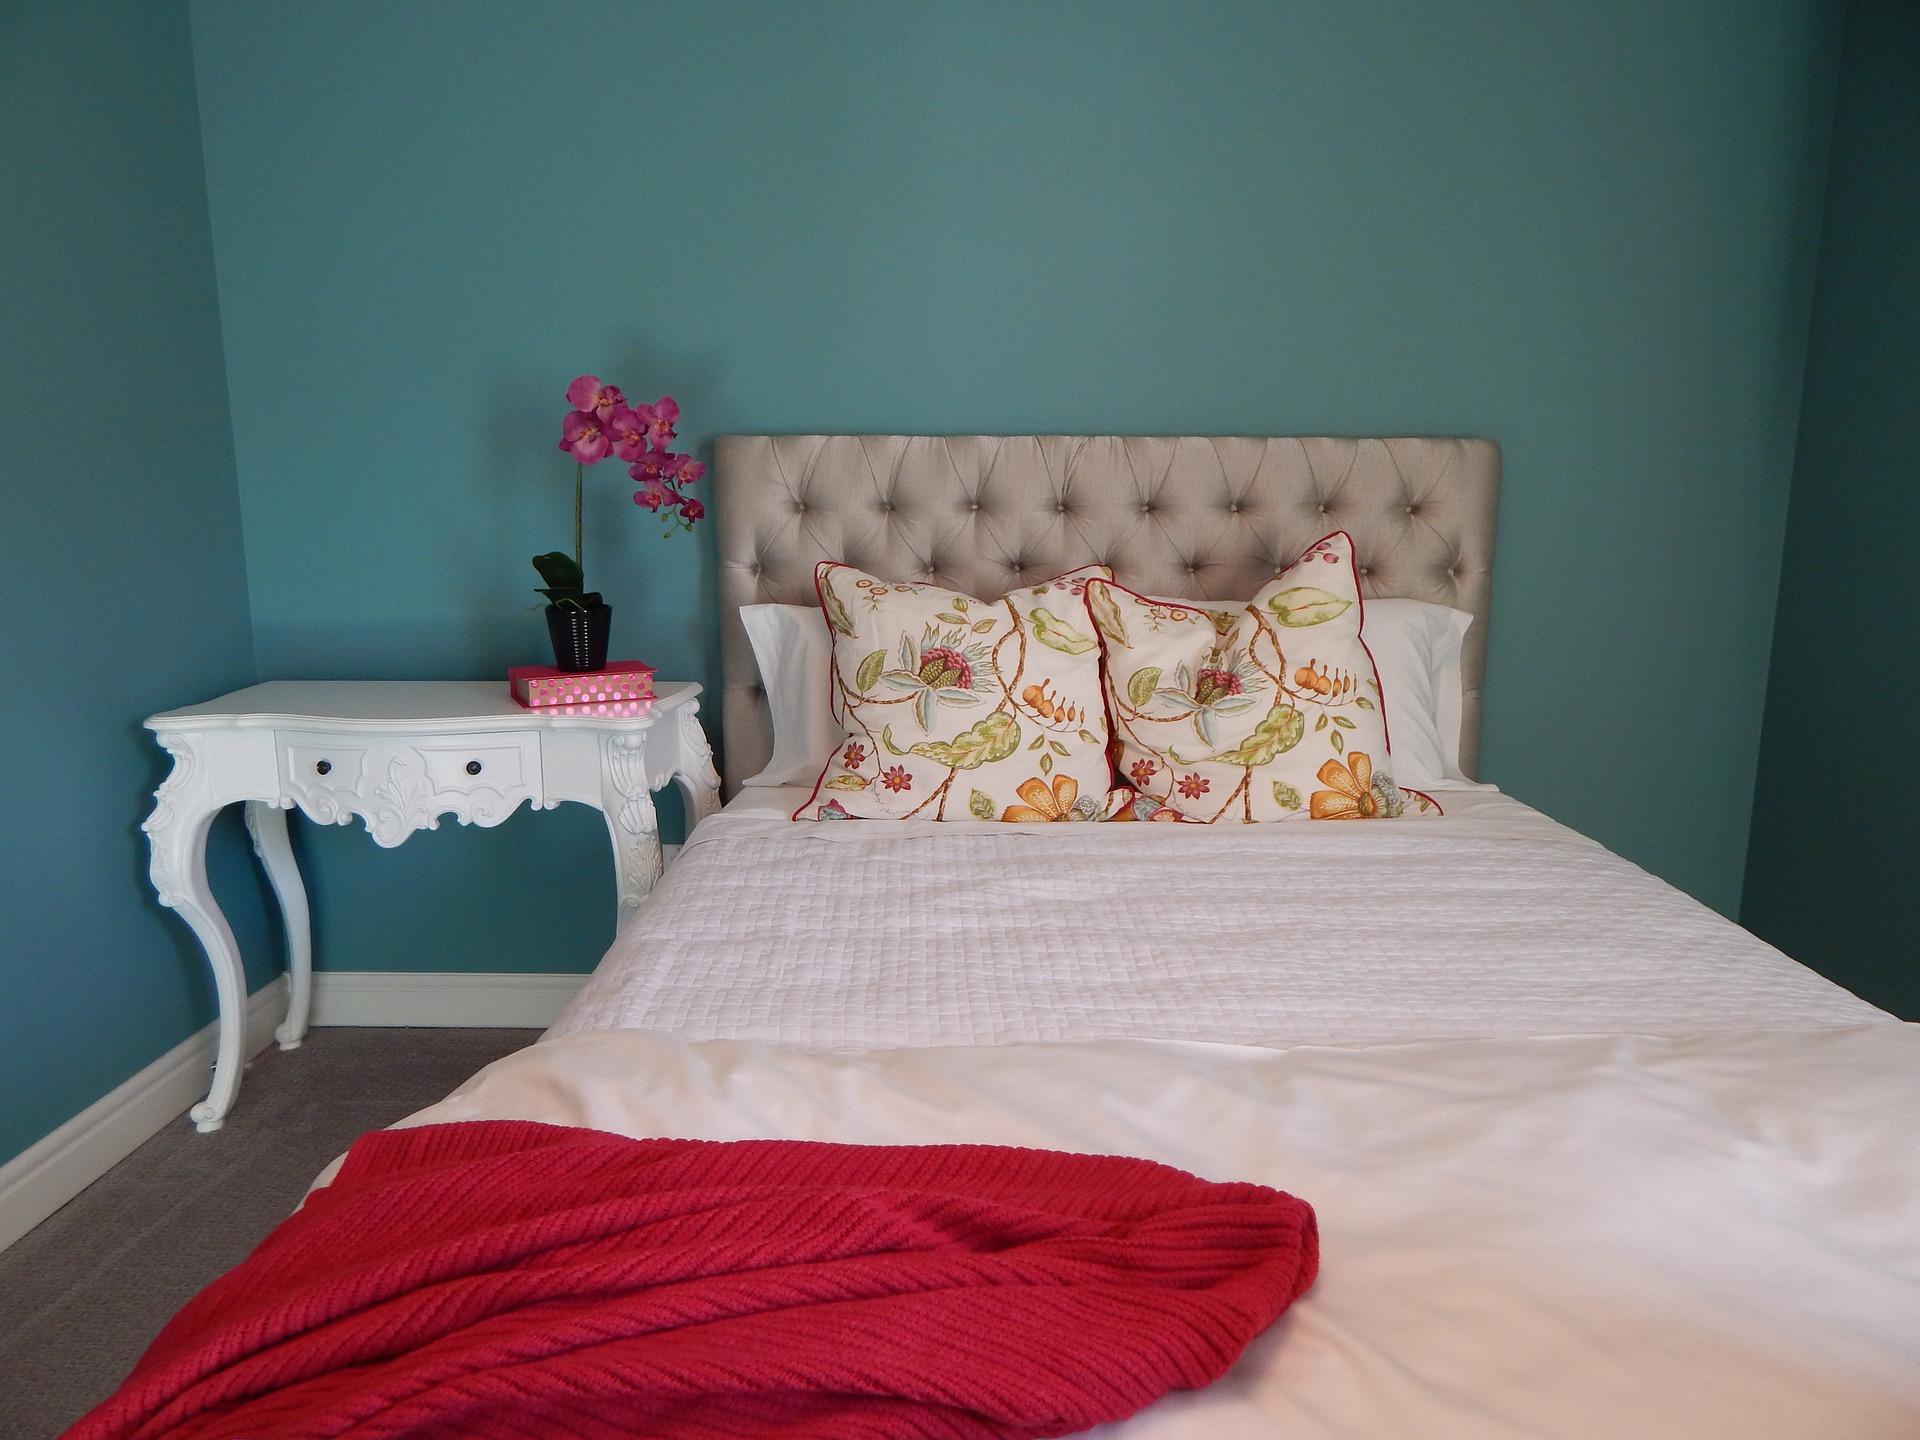 Mantas para decorar: protegen del frío y embellecen la habitación